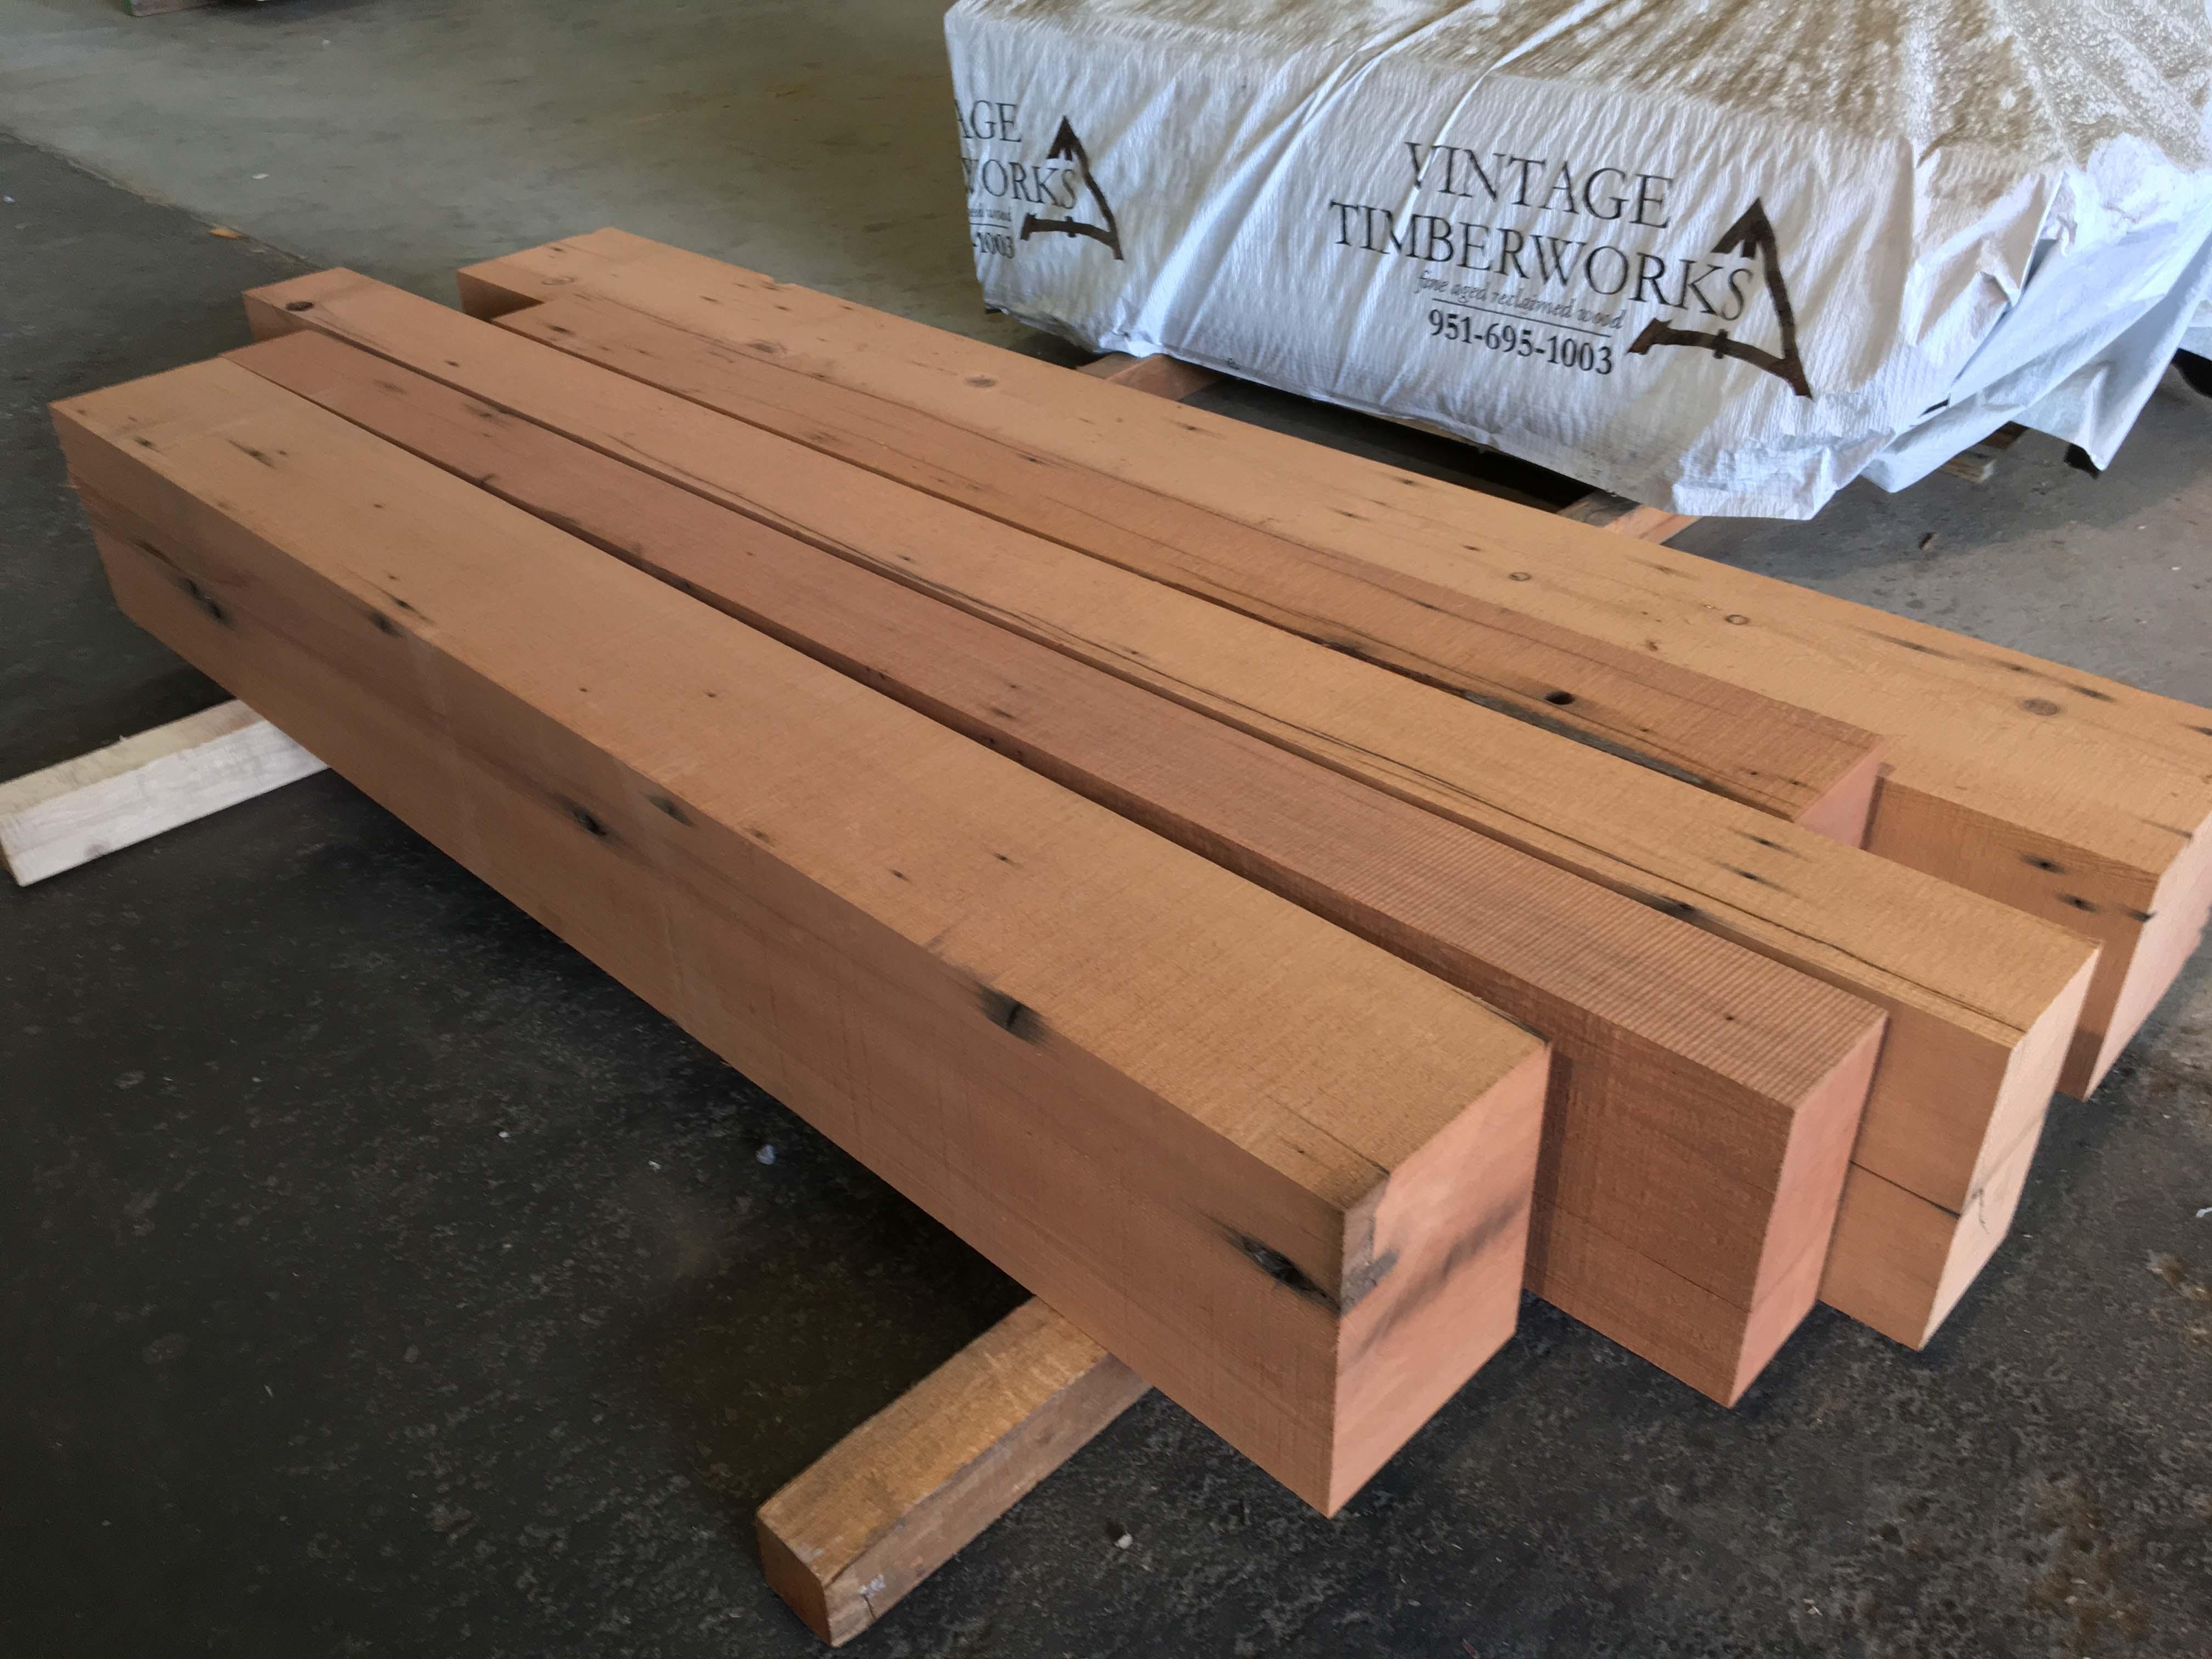 resawn redwood beams03 - Vintage Reclaimed Redwood